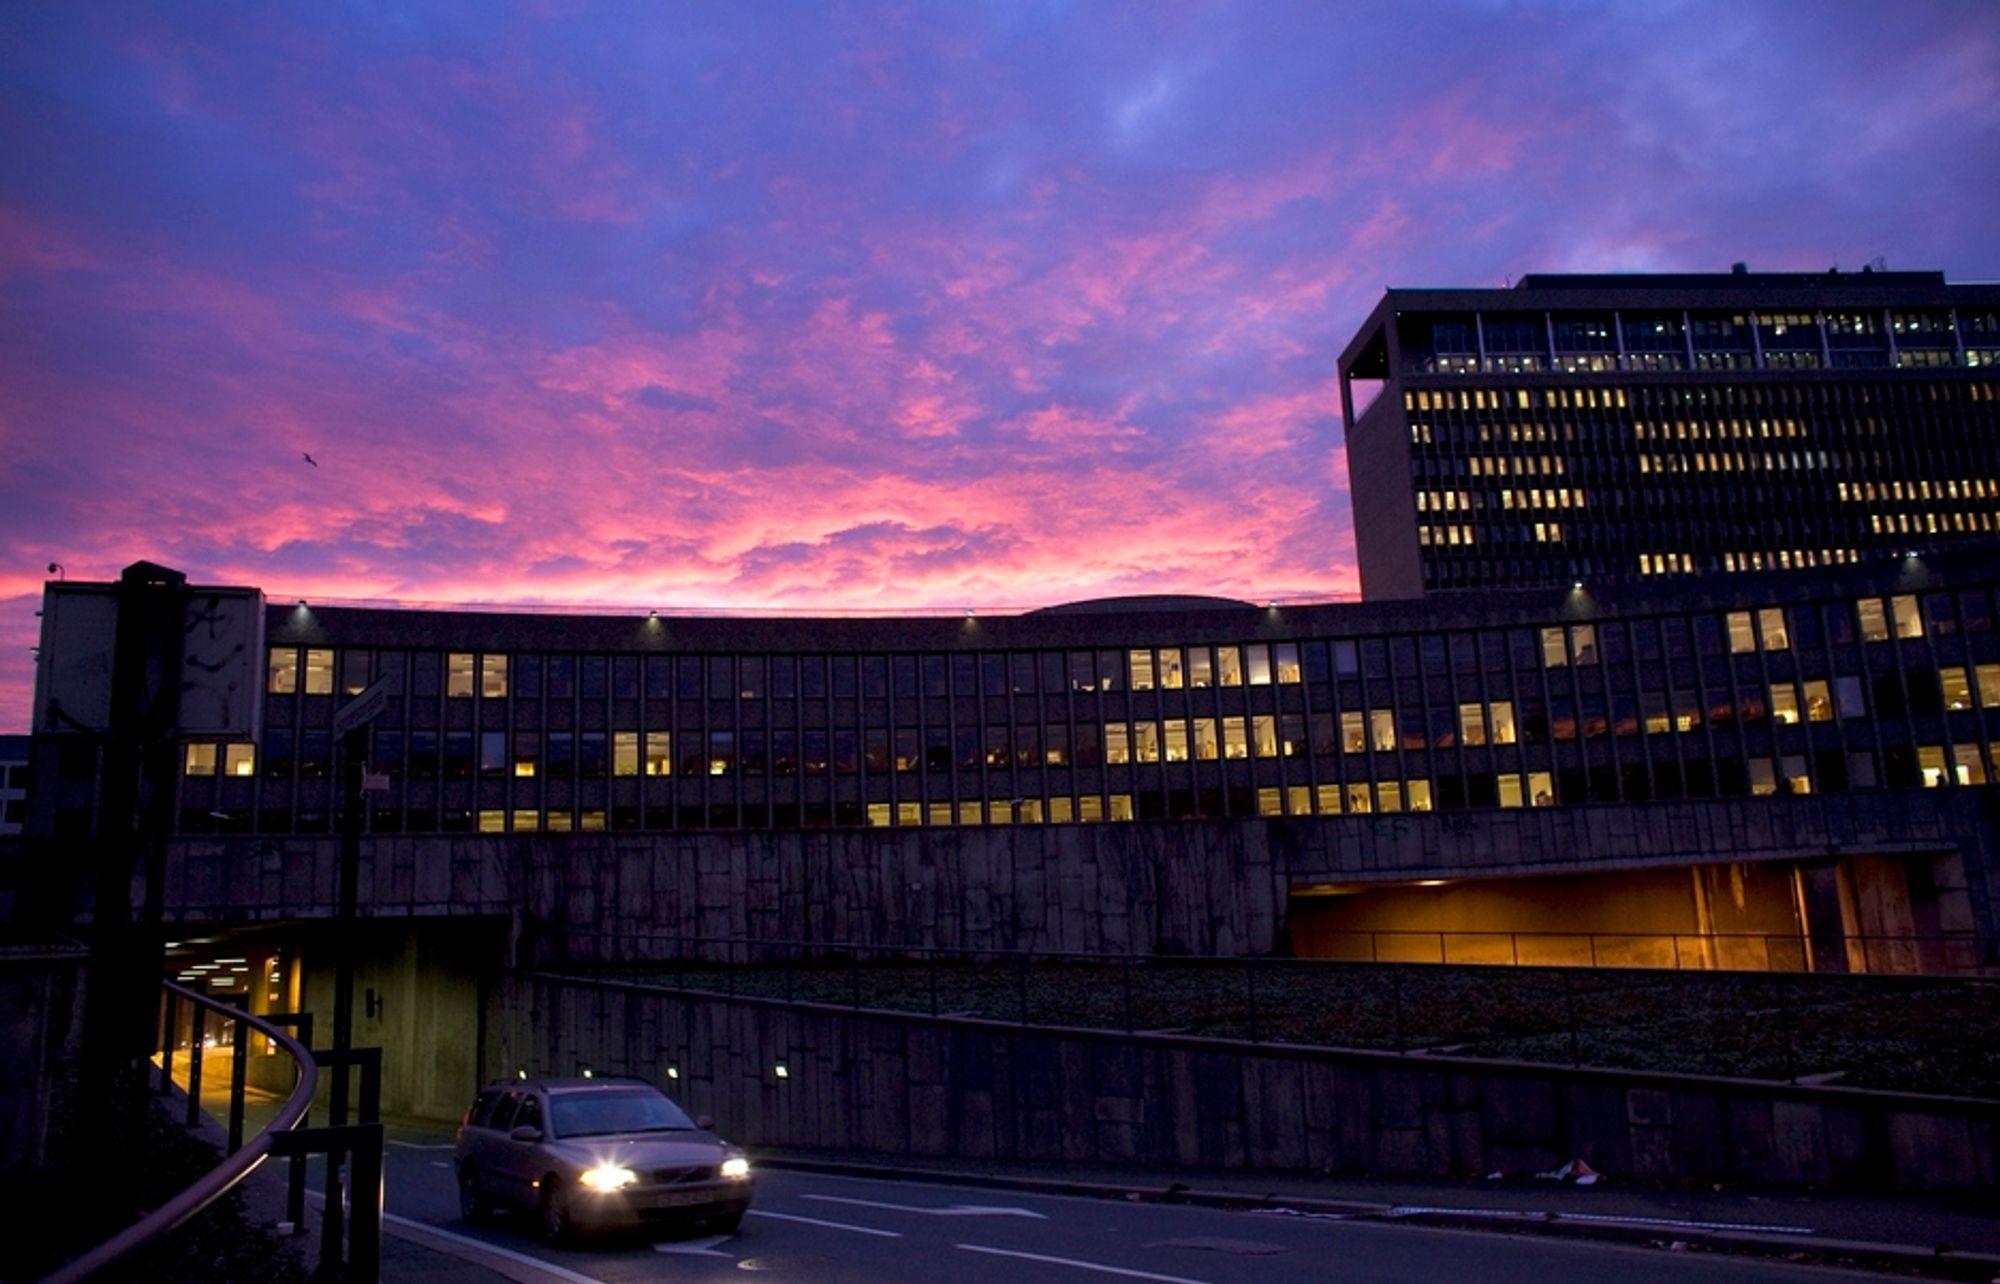 STORT POTENSIAL: Norsk Teknologi og Bellona vil innføre hvite sertifikater for å fåfart på energieffektiviseringen i Norge. Bare i Regjeringskvartalet kan strømforbruket reduseres med opp til 20 prosent, ifølge Siemens.